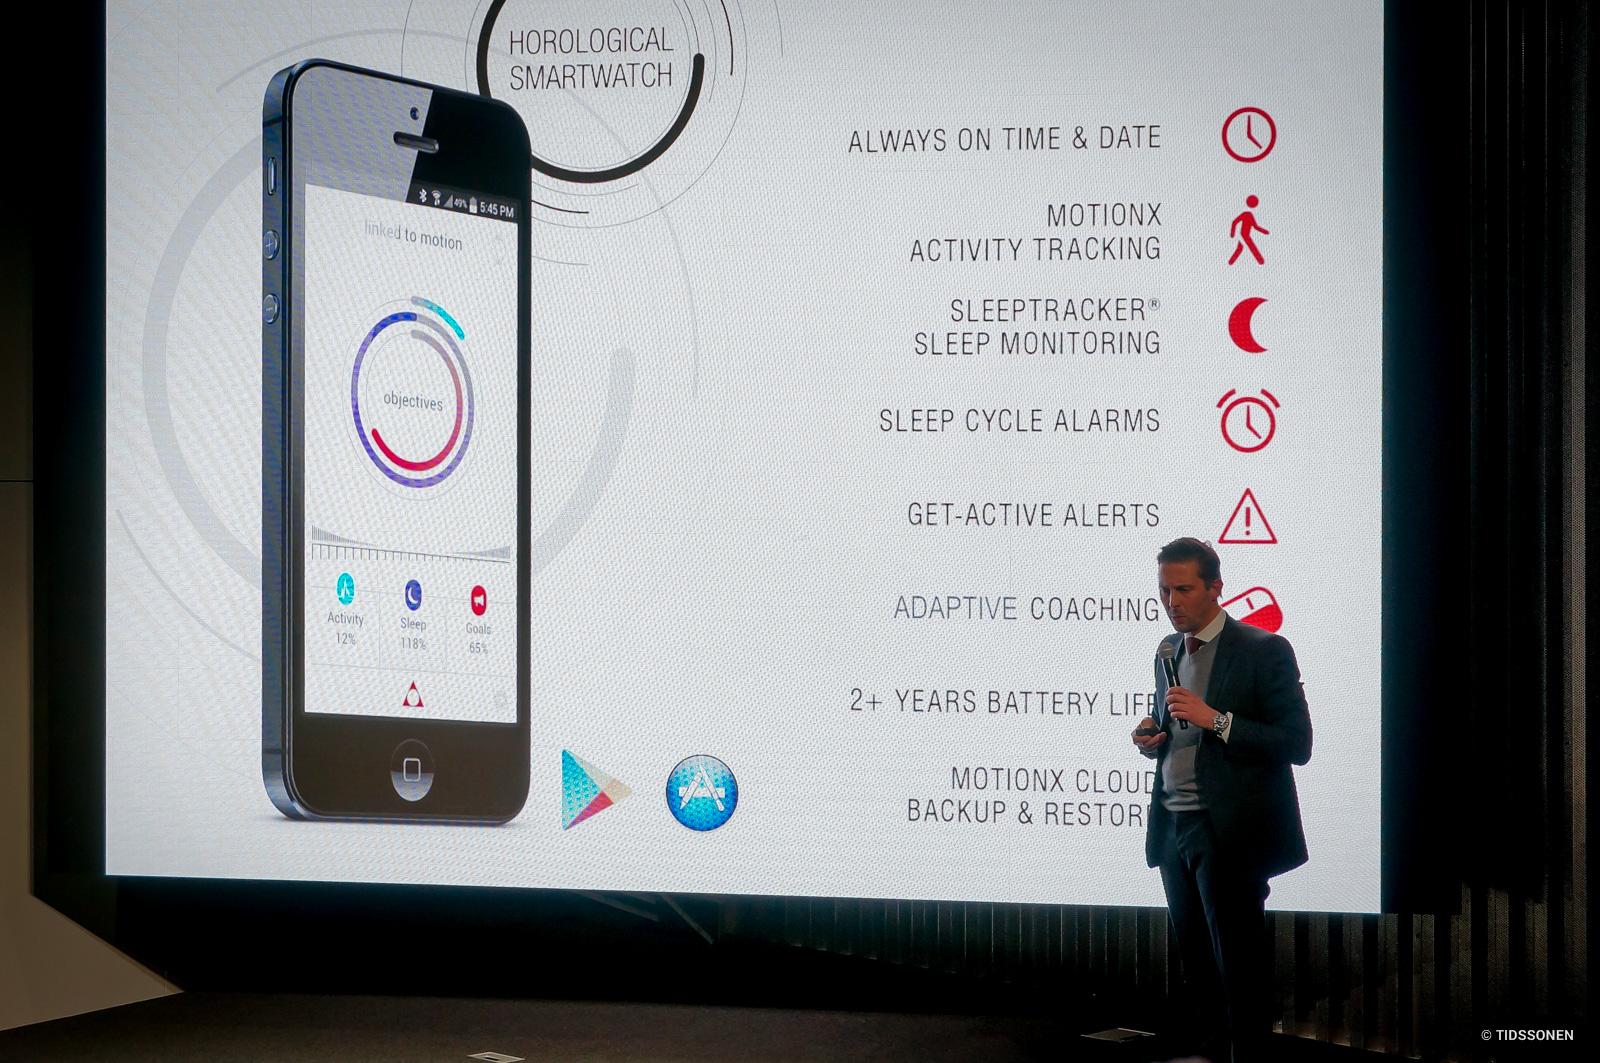 Guido Benedini forklarer funksjonene i den nye Horological Smartwatch.